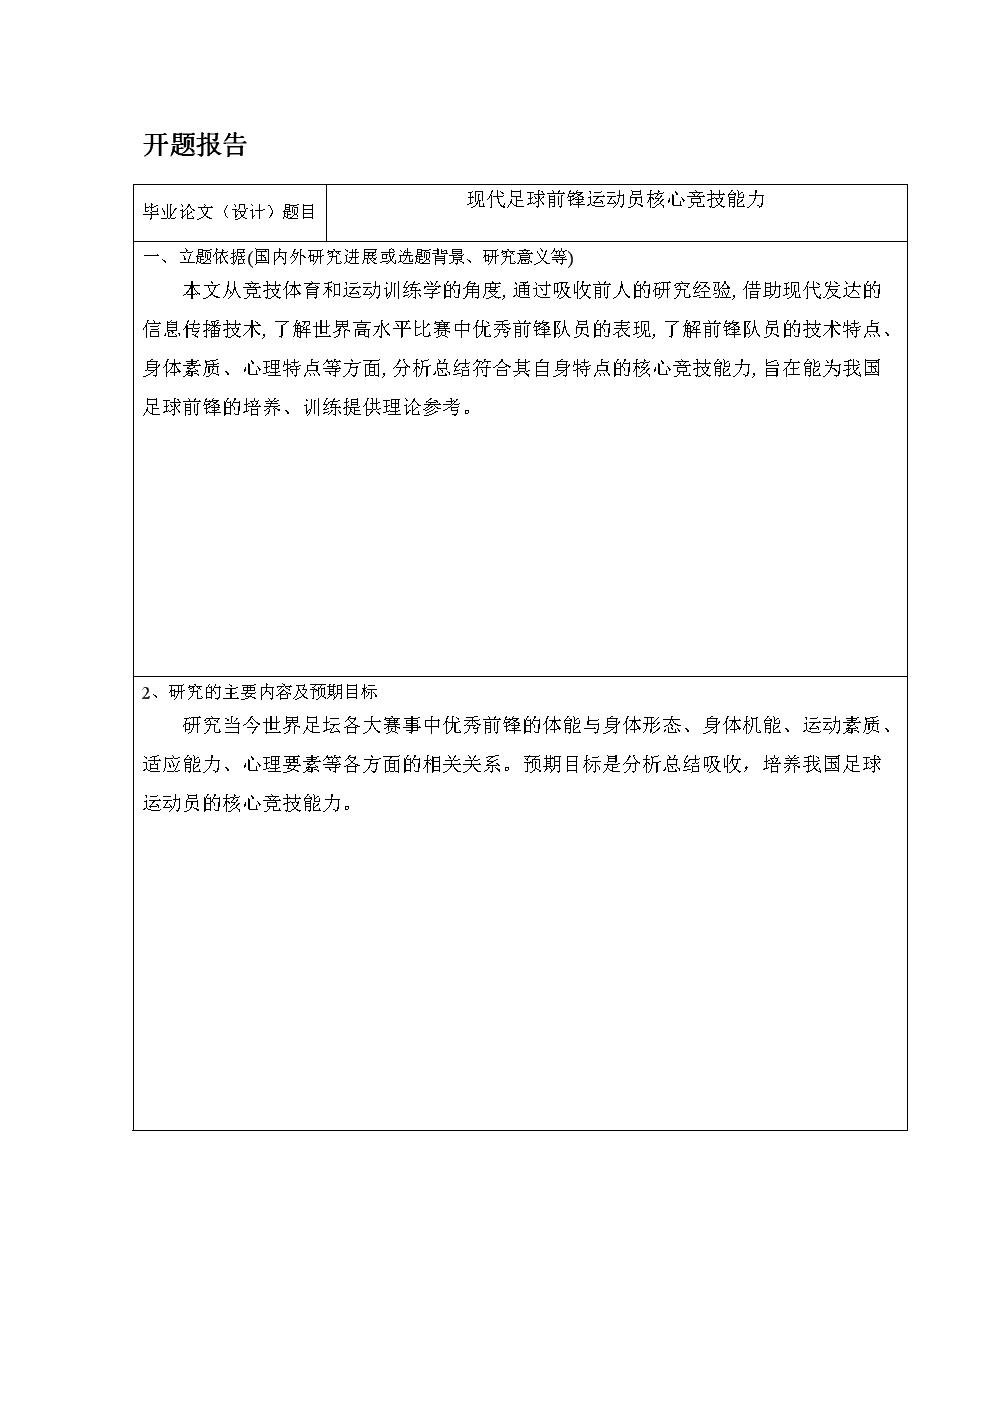 开题报告现代足球前锋运动员核心竞技能力.doc